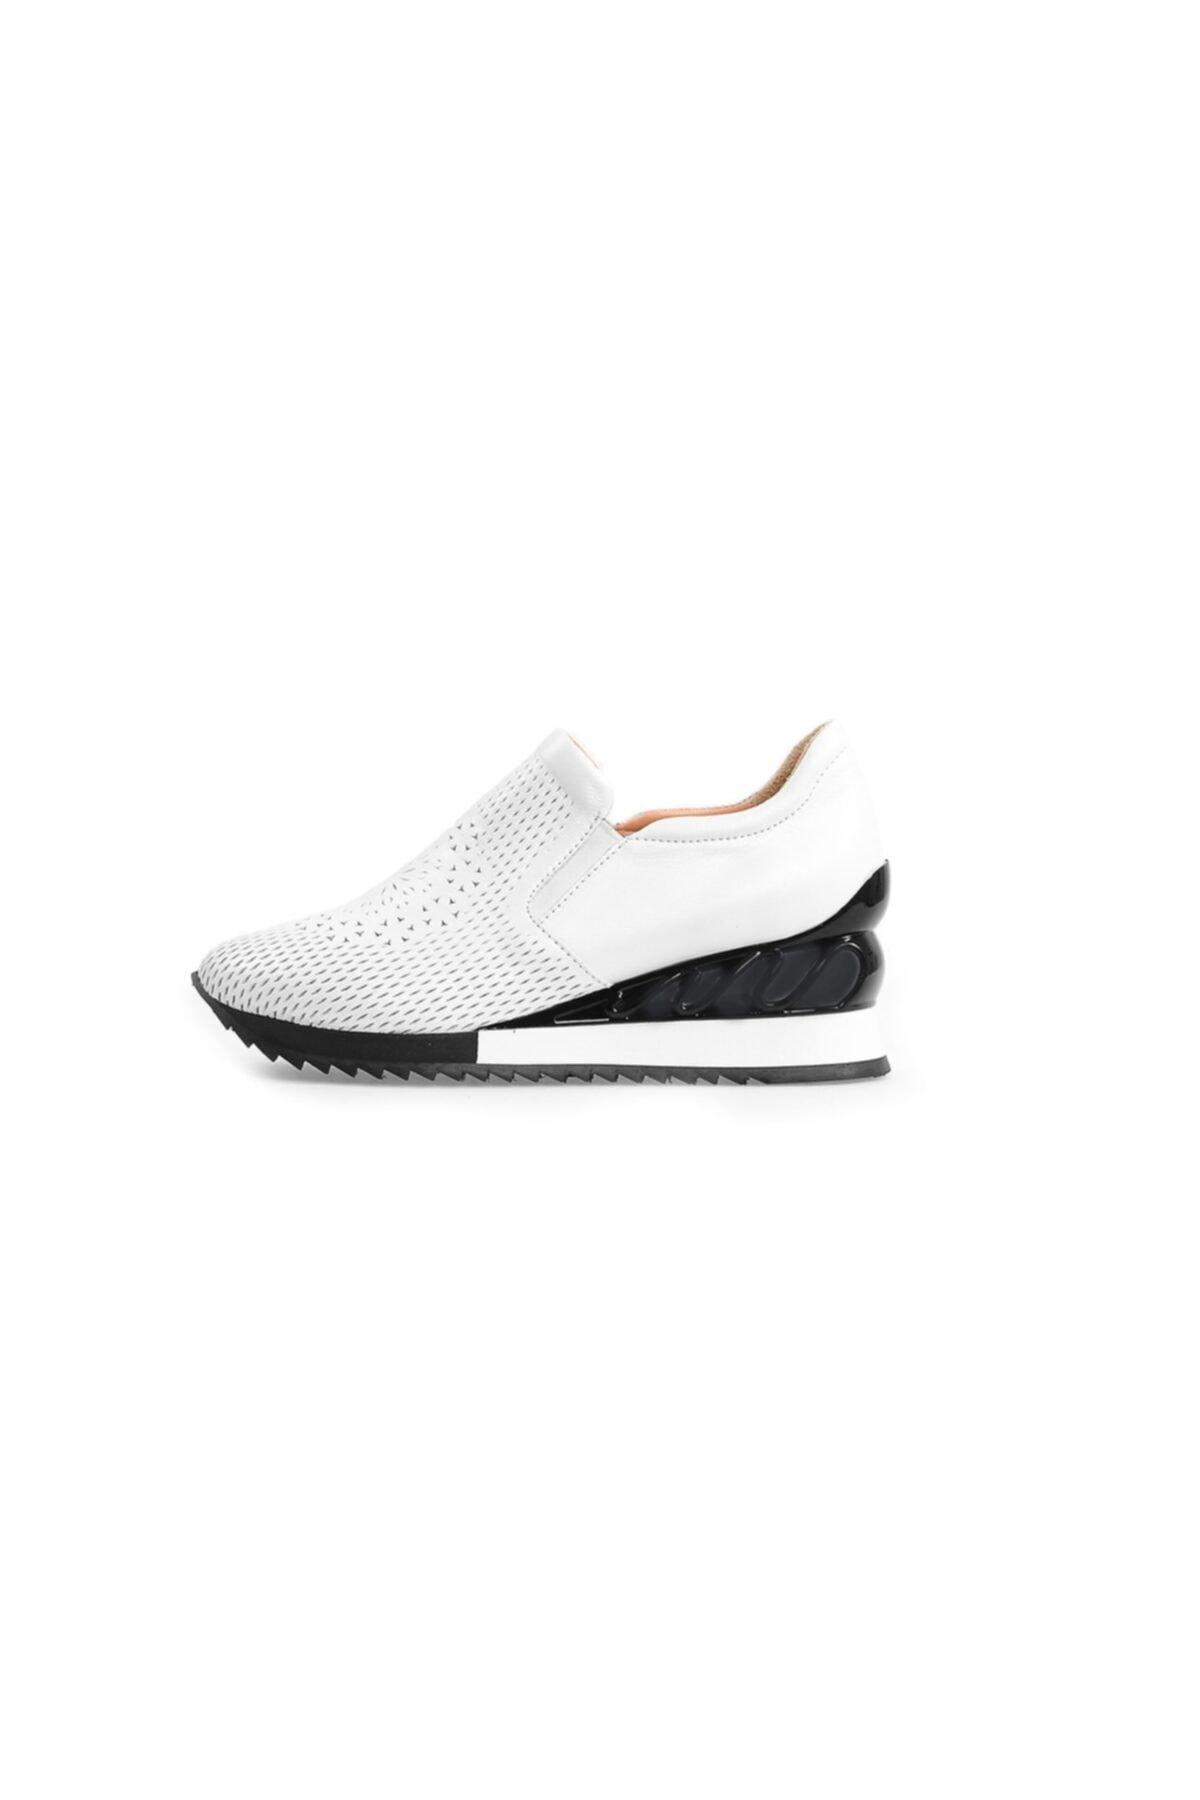 Flower Kadın Beyaz Taban Detaylı Spor Ayakkabı 1